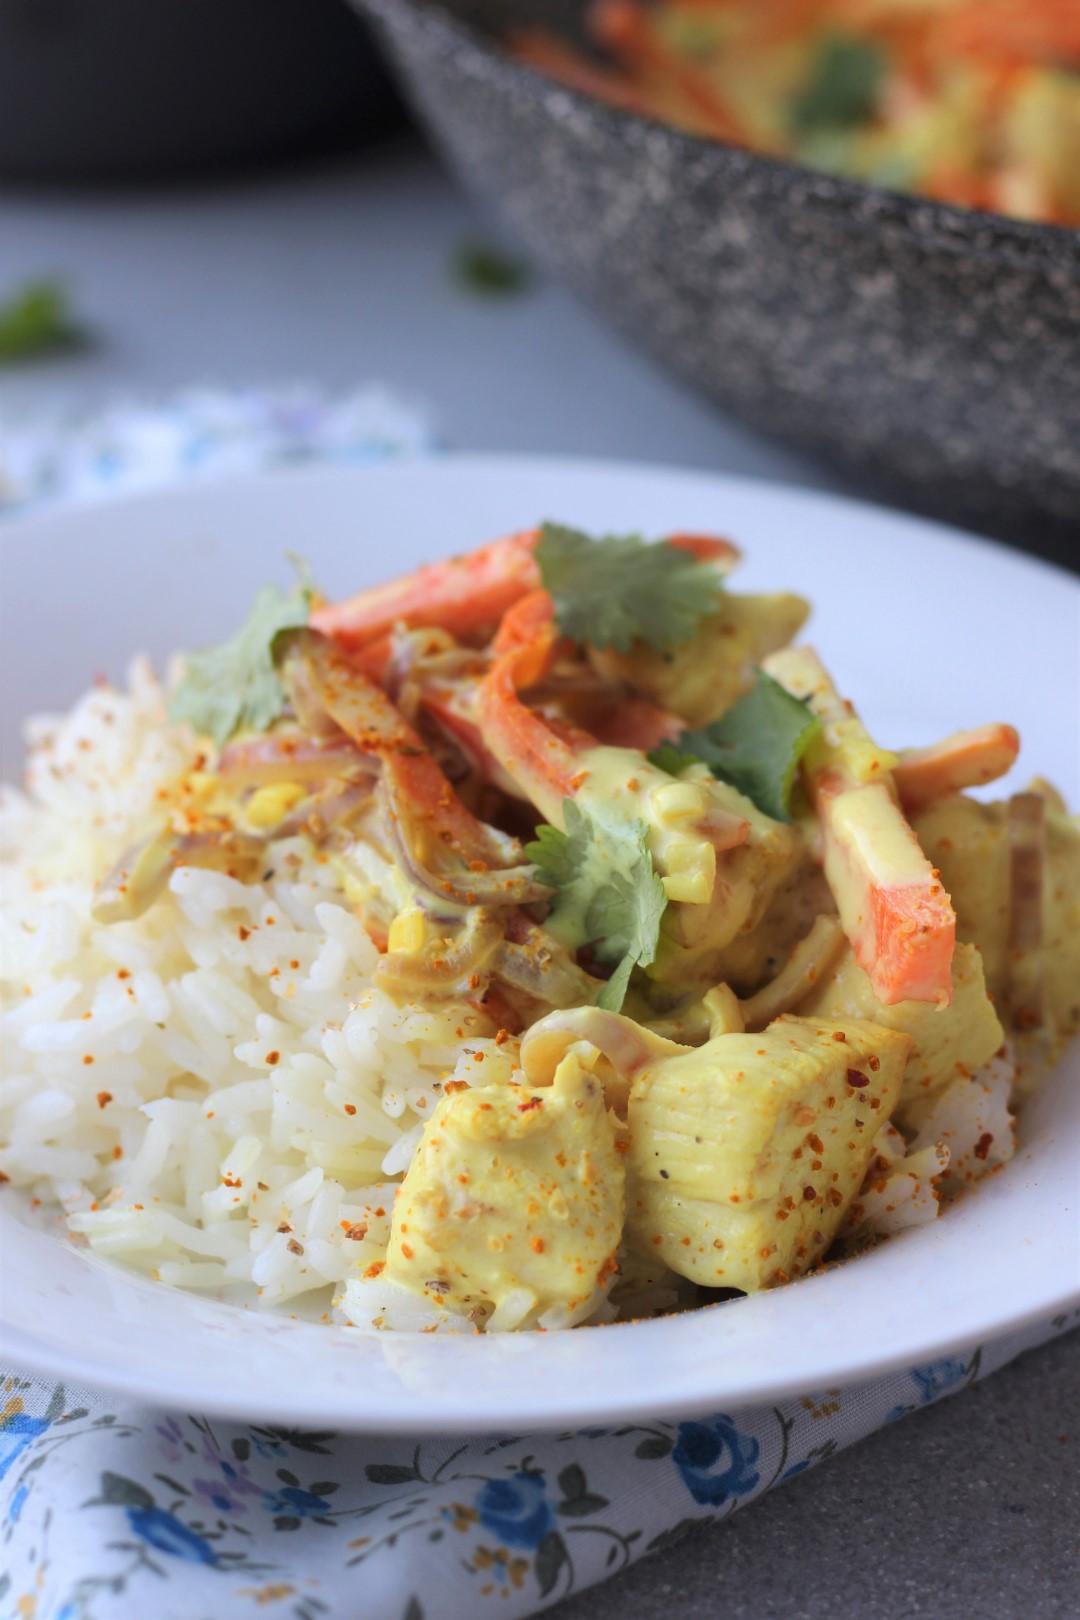 wok de pollo al curry, pollo con salsa de curry, vegetales, cocinar wok, recetas de cocina, recetas saludables, recetas rápidas, recetas Essen.